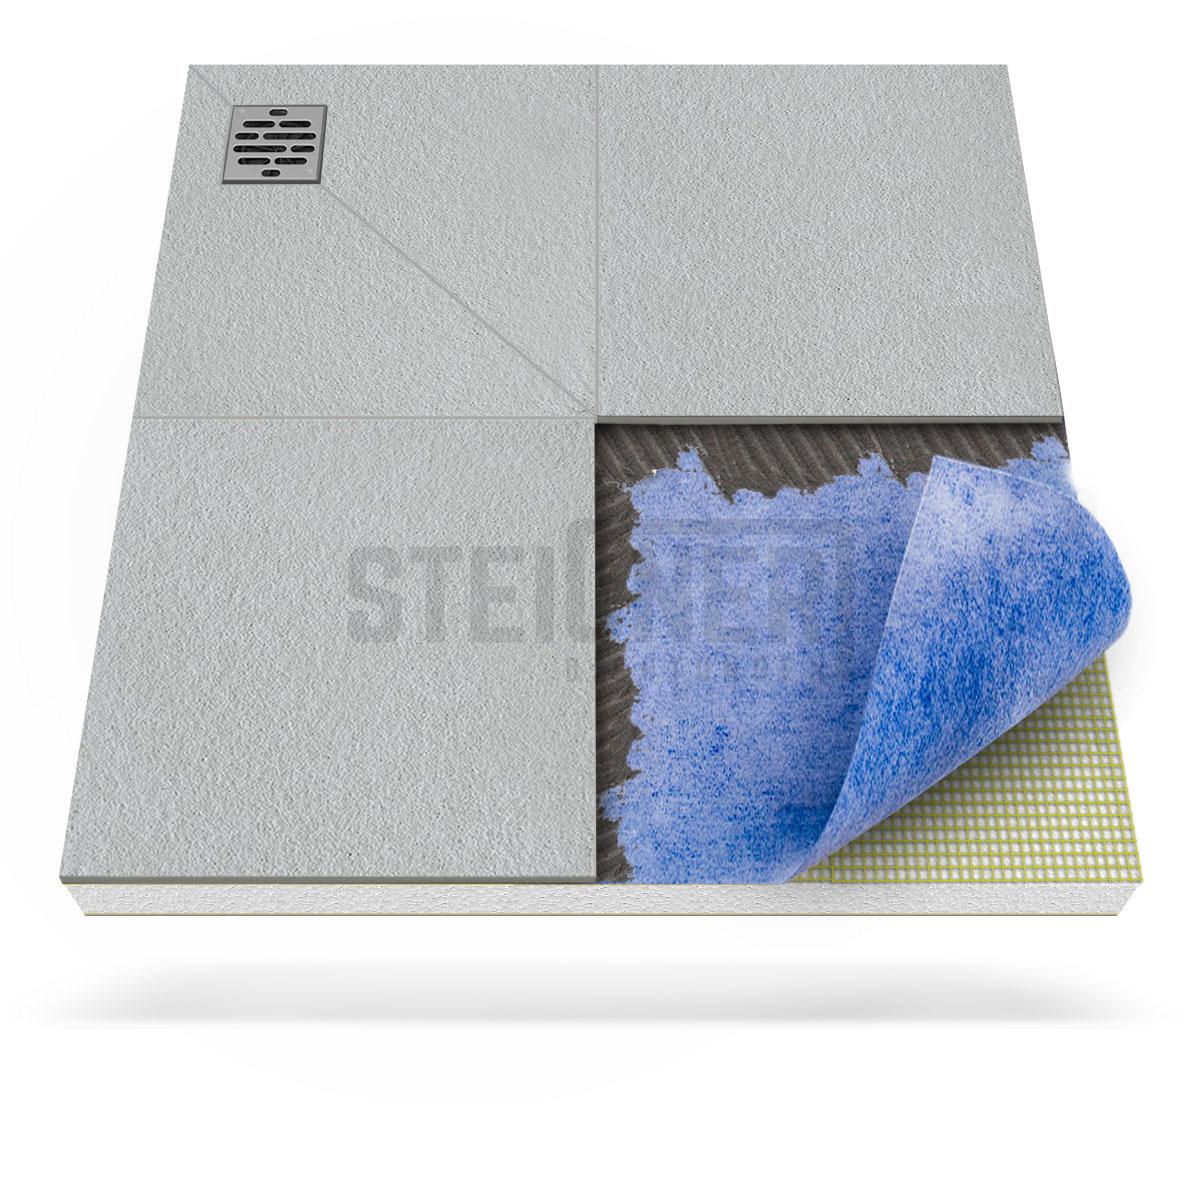 duschkabine duschelement ablauf dezentral duschboard befliesbar bodeneben ebay. Black Bedroom Furniture Sets. Home Design Ideas